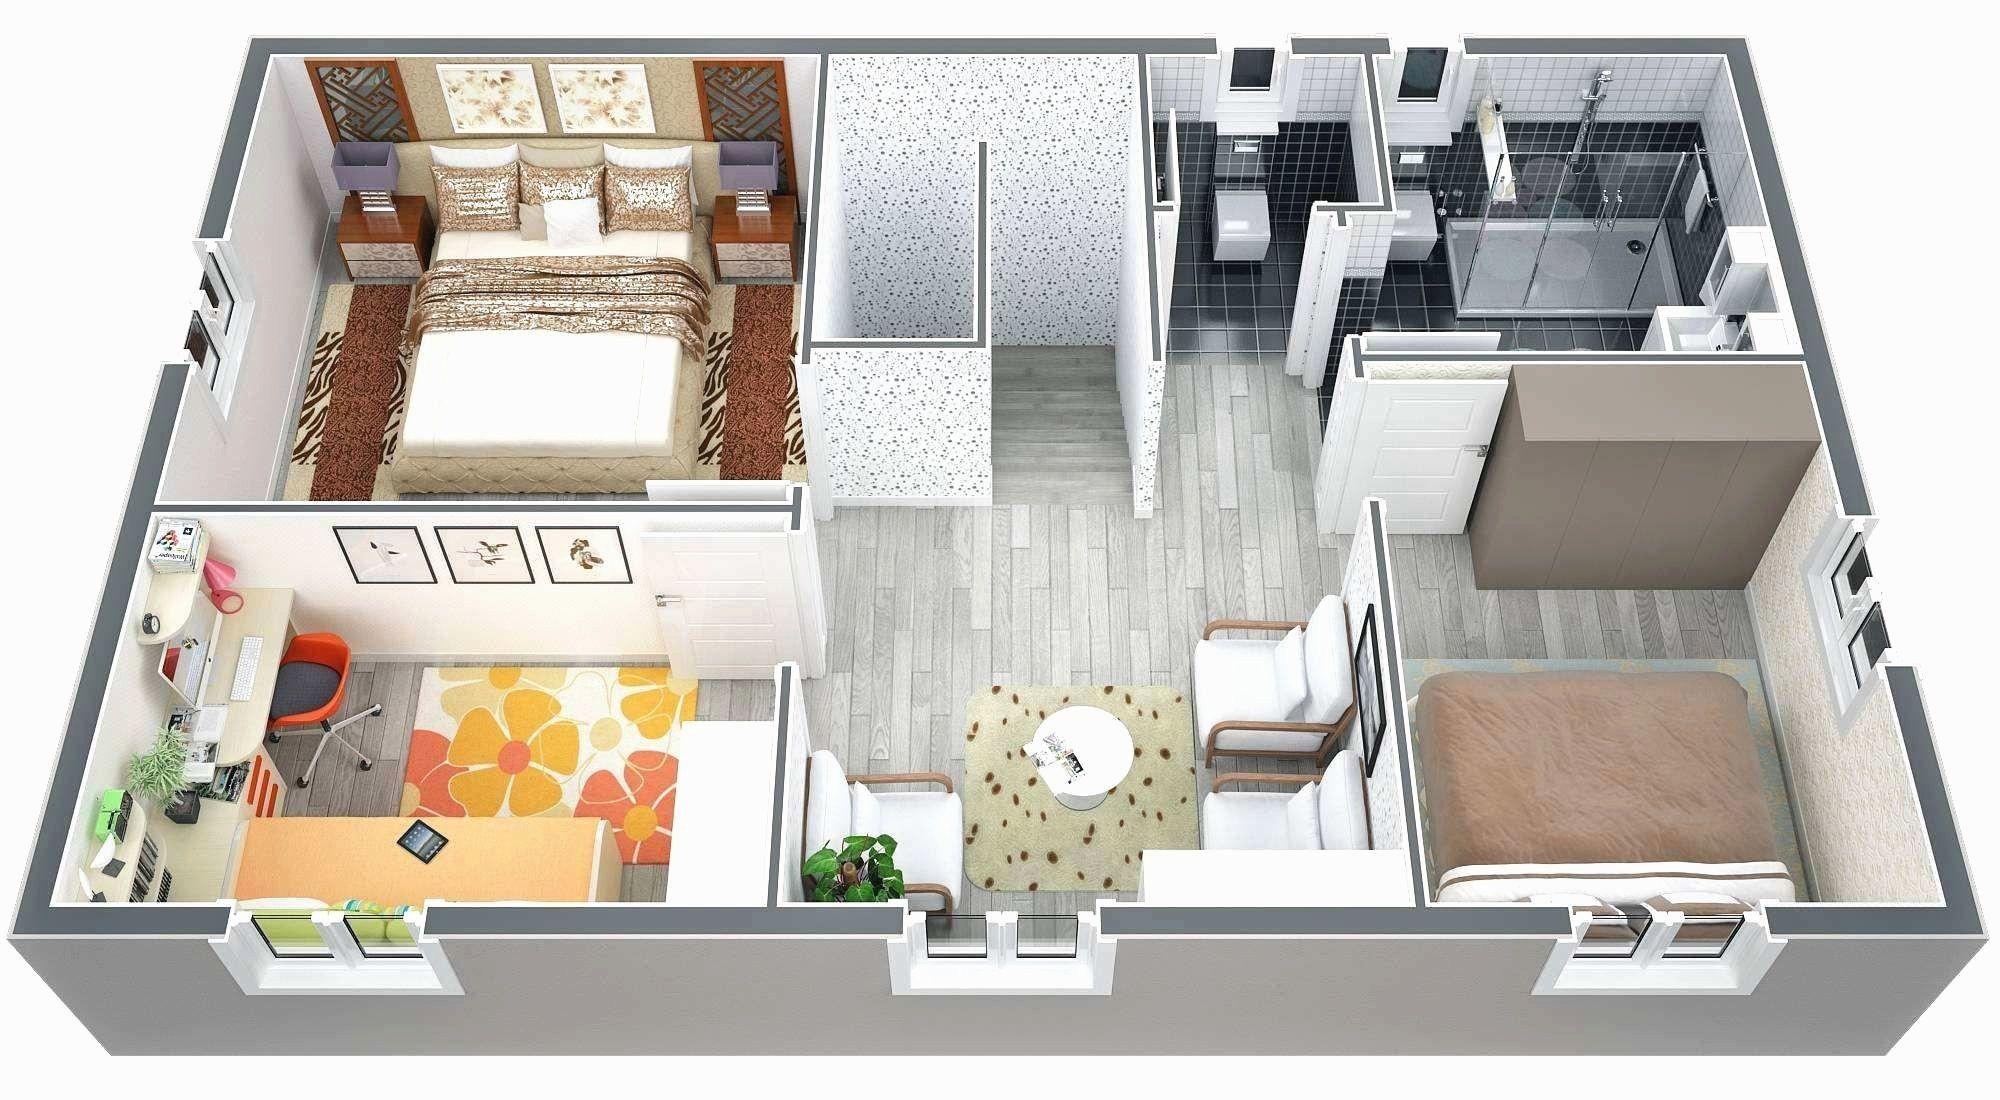 33 Plan De Maison Moderne Gratuit A Telecharger Pdf | Home remodeling, House plans, House design